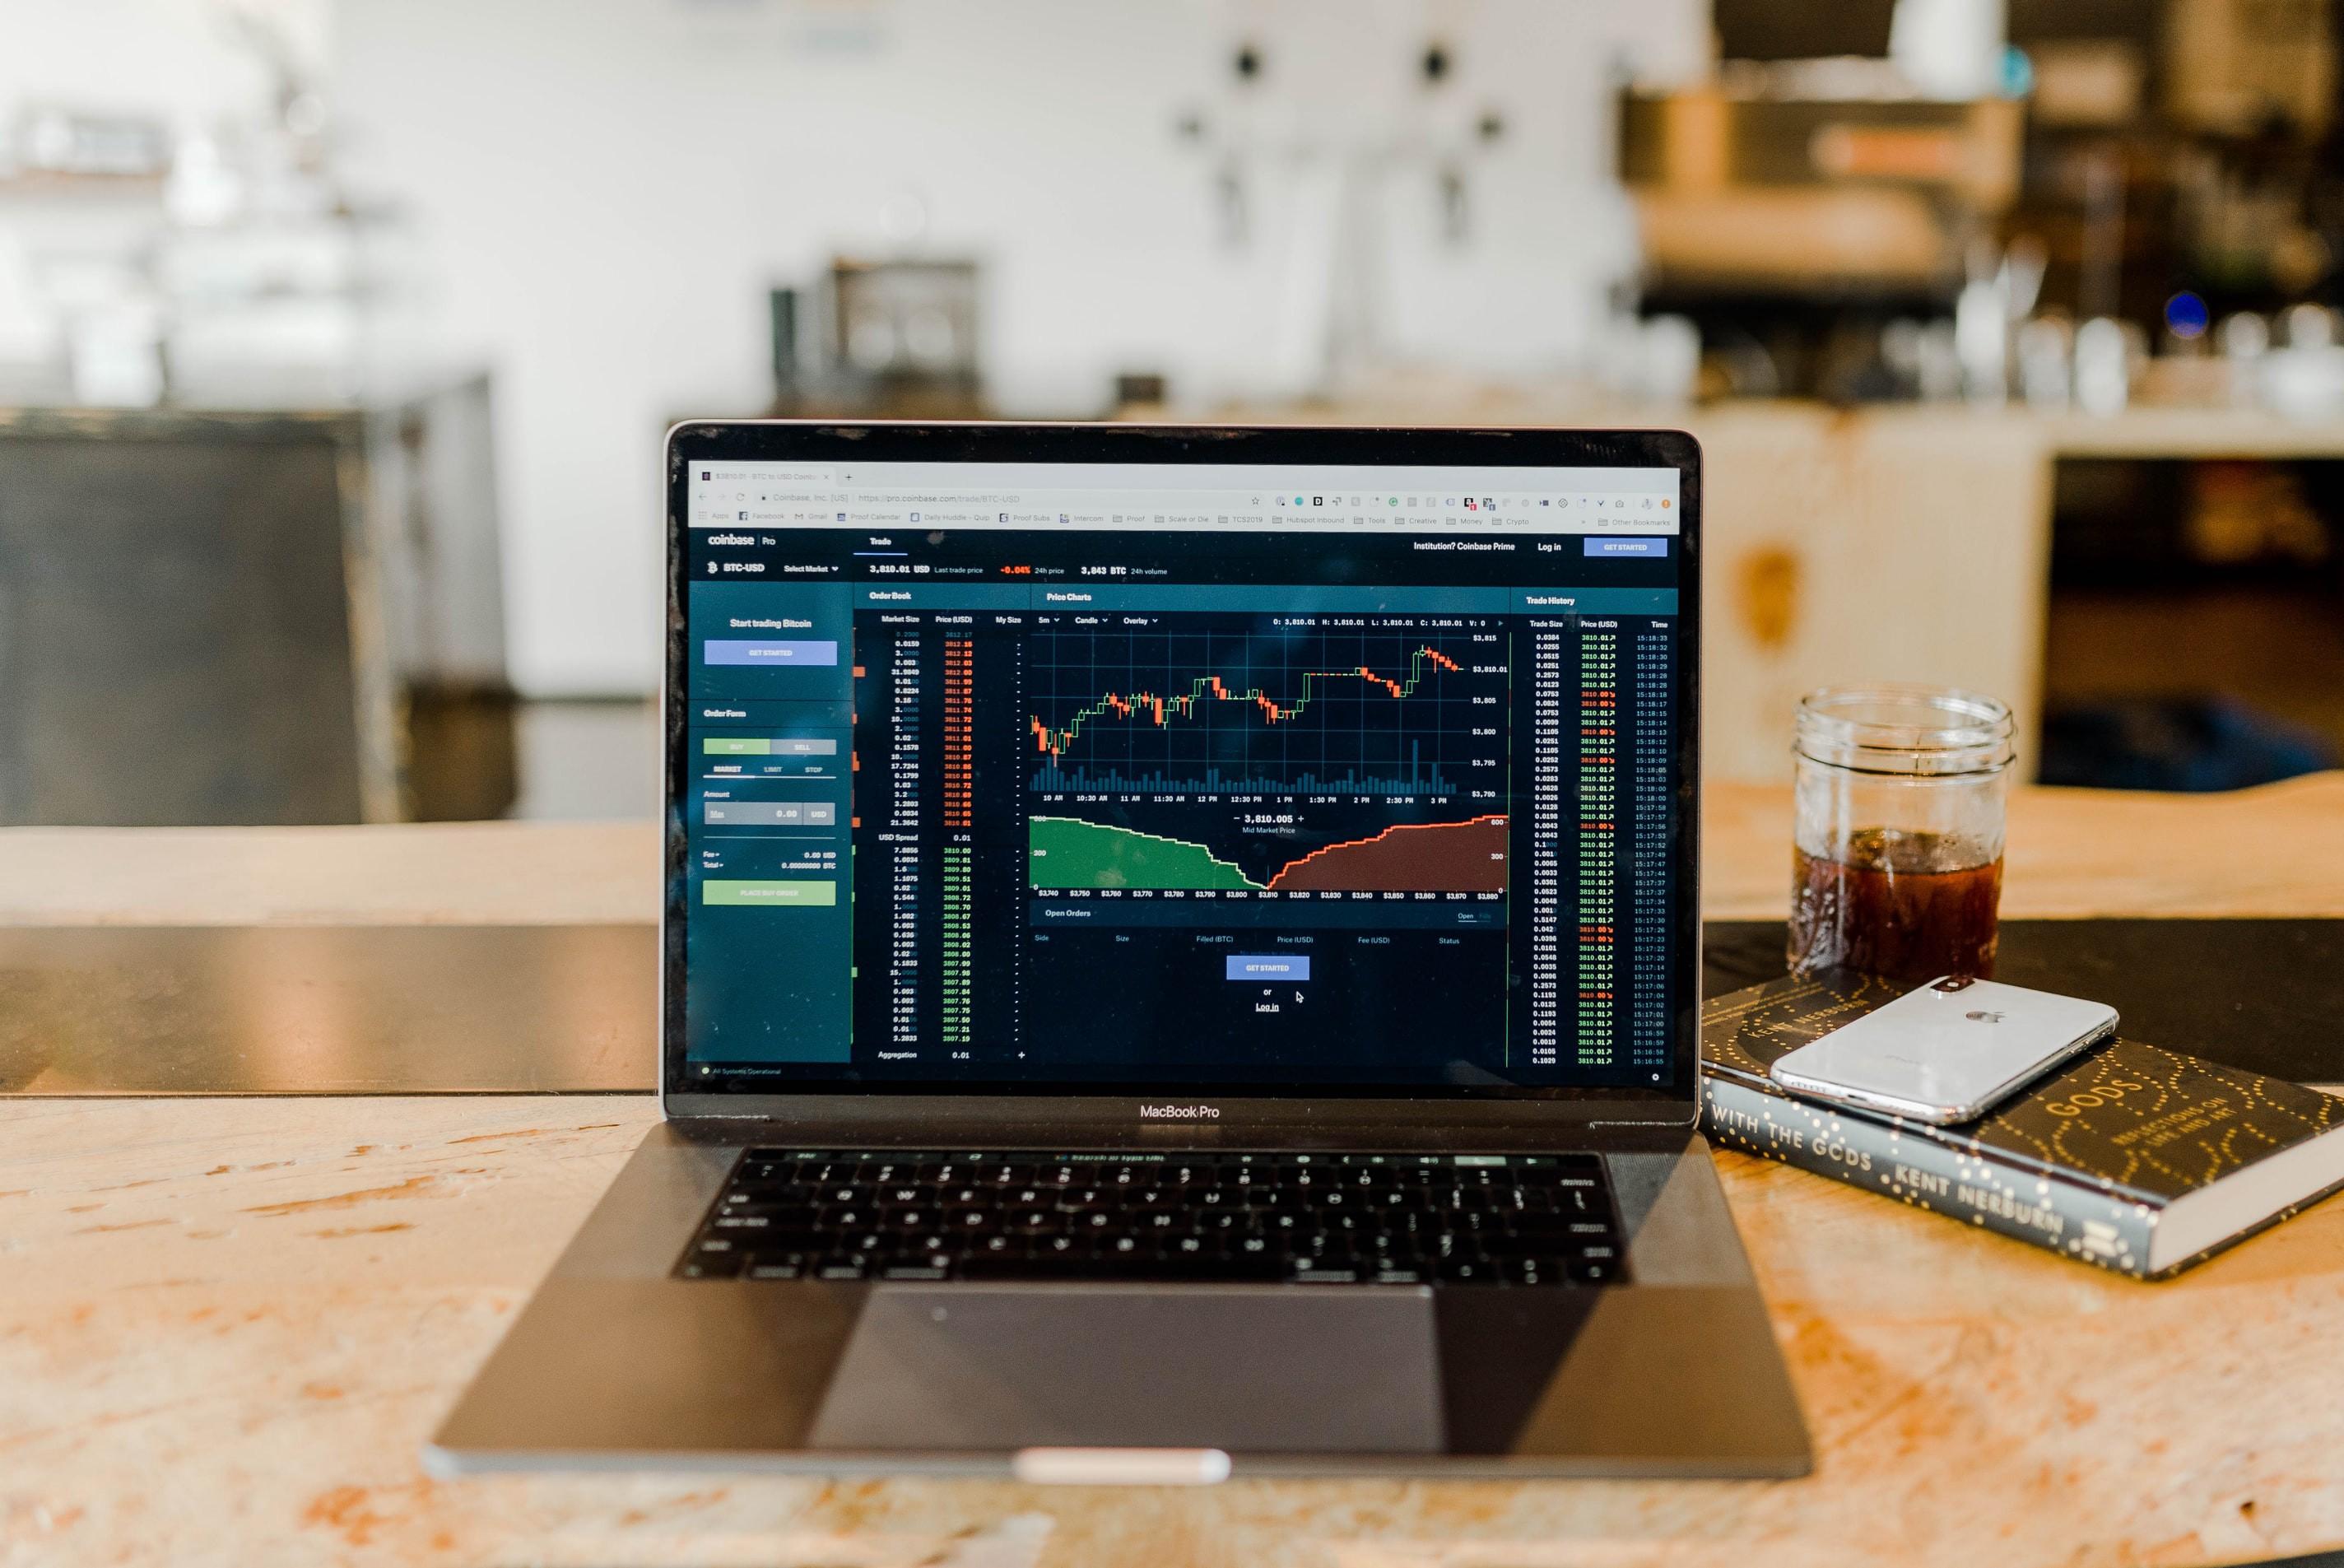 Finding stocks API